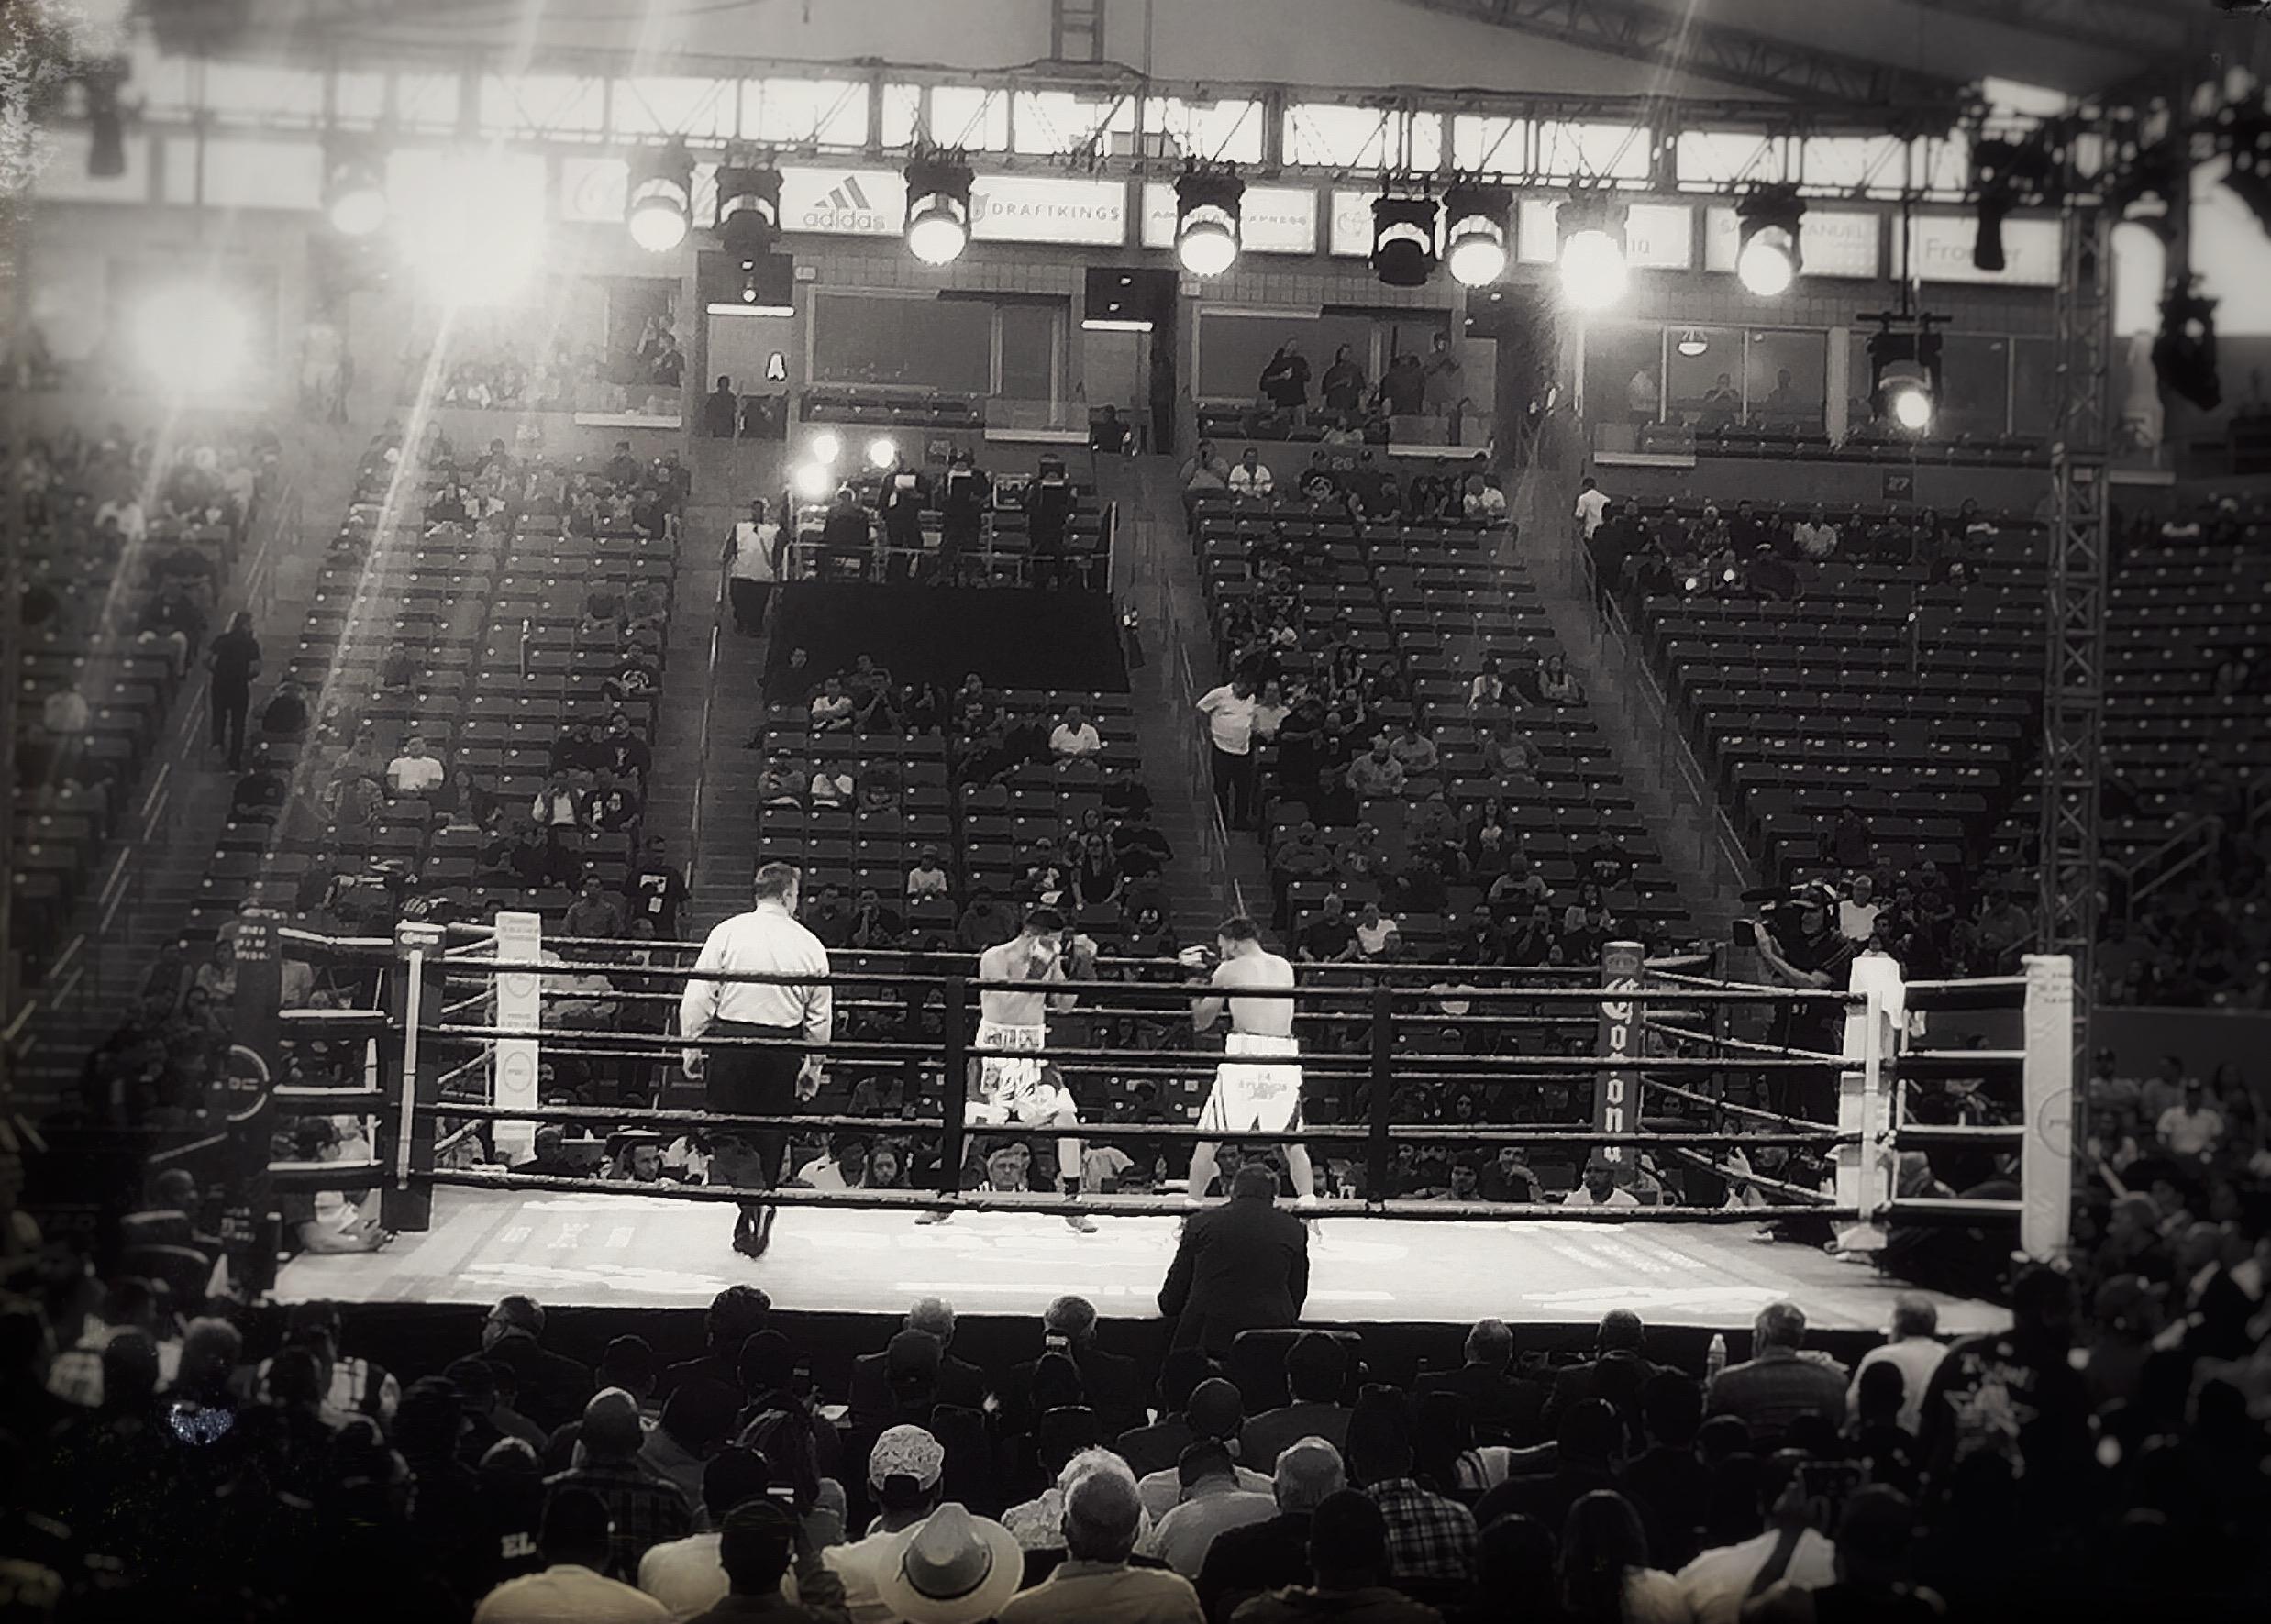 Santa Cruz vs. Savalos, StubHub Center, 10/17